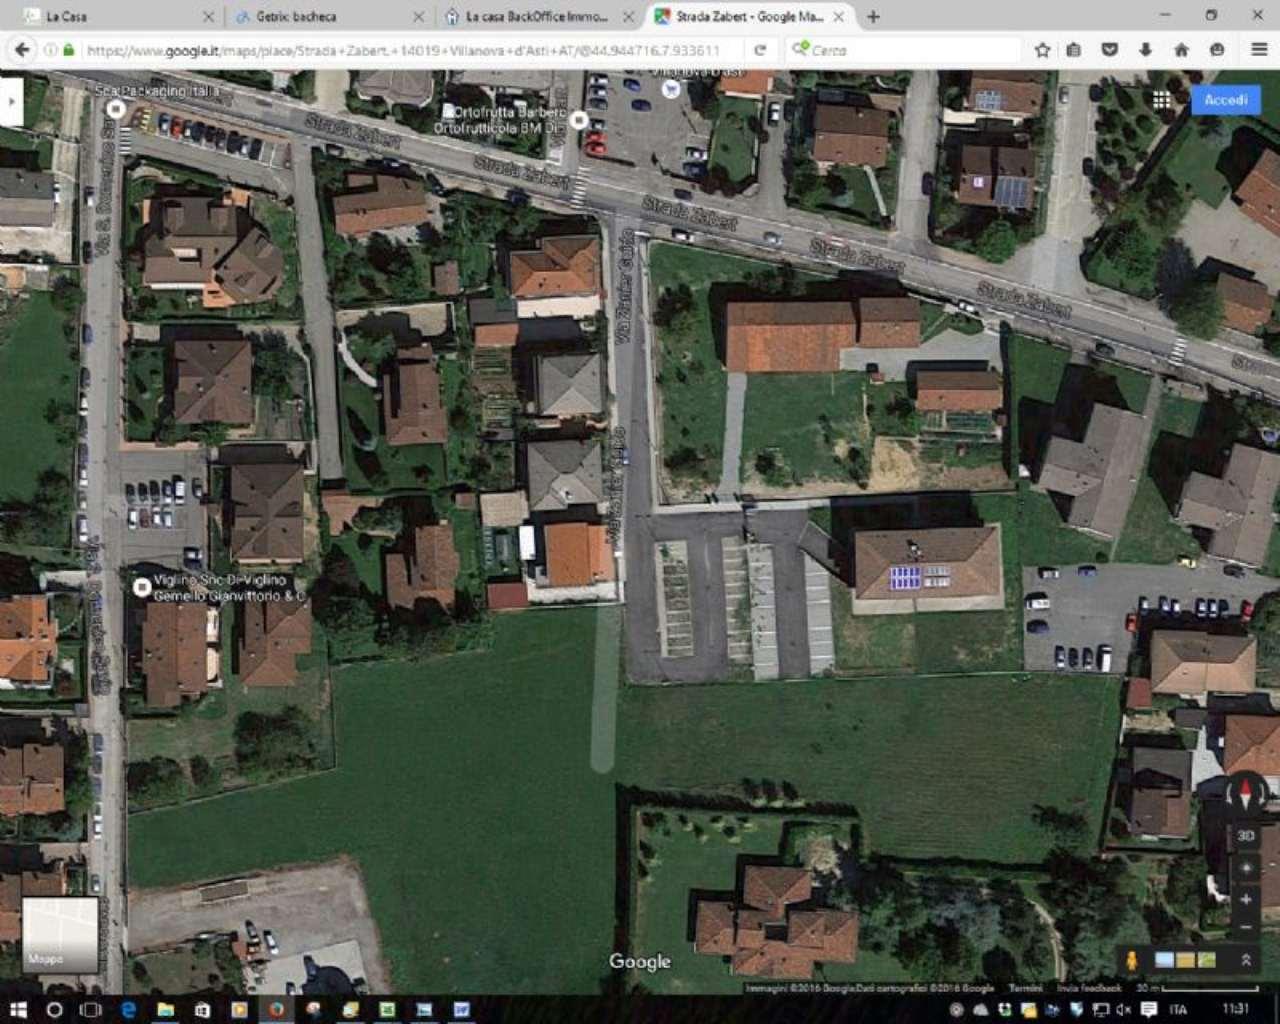 Terreno Edificabile Residenziale in vendita a Villanova d'Asti, 9999 locali, prezzo € 45.000 | Cambio Casa.it